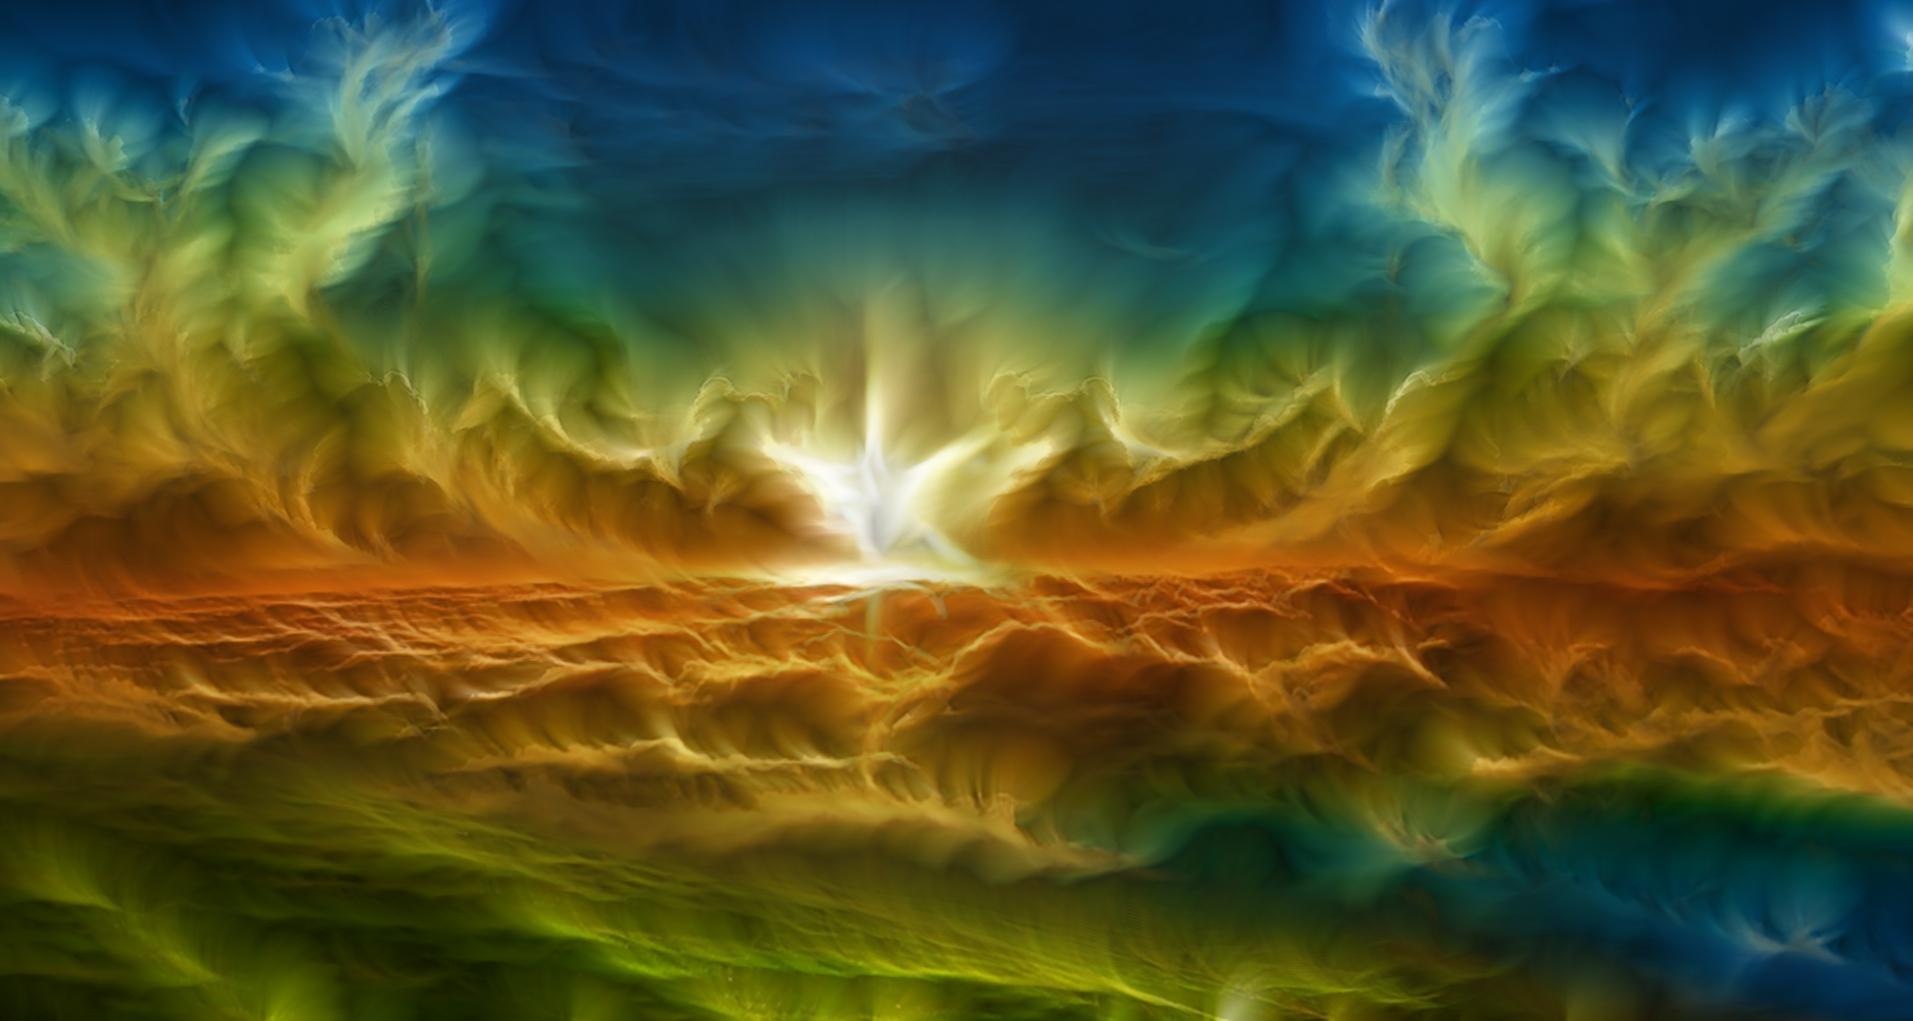 wolkenspiele der natur 1